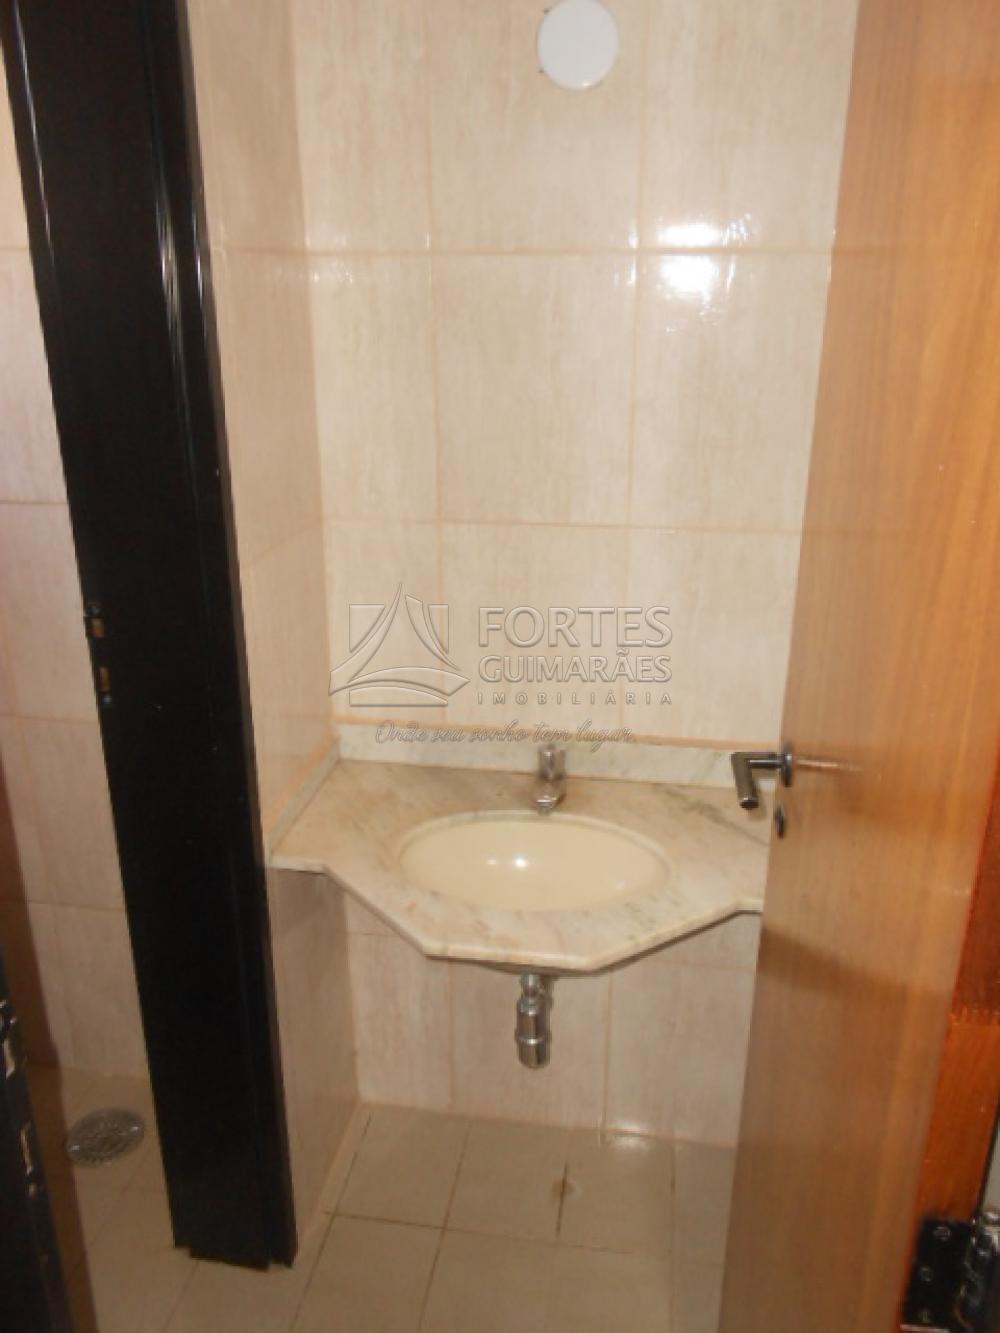 Alugar Comercial / Sala em Ribeirão Preto apenas R$ 750,00 - Foto 15